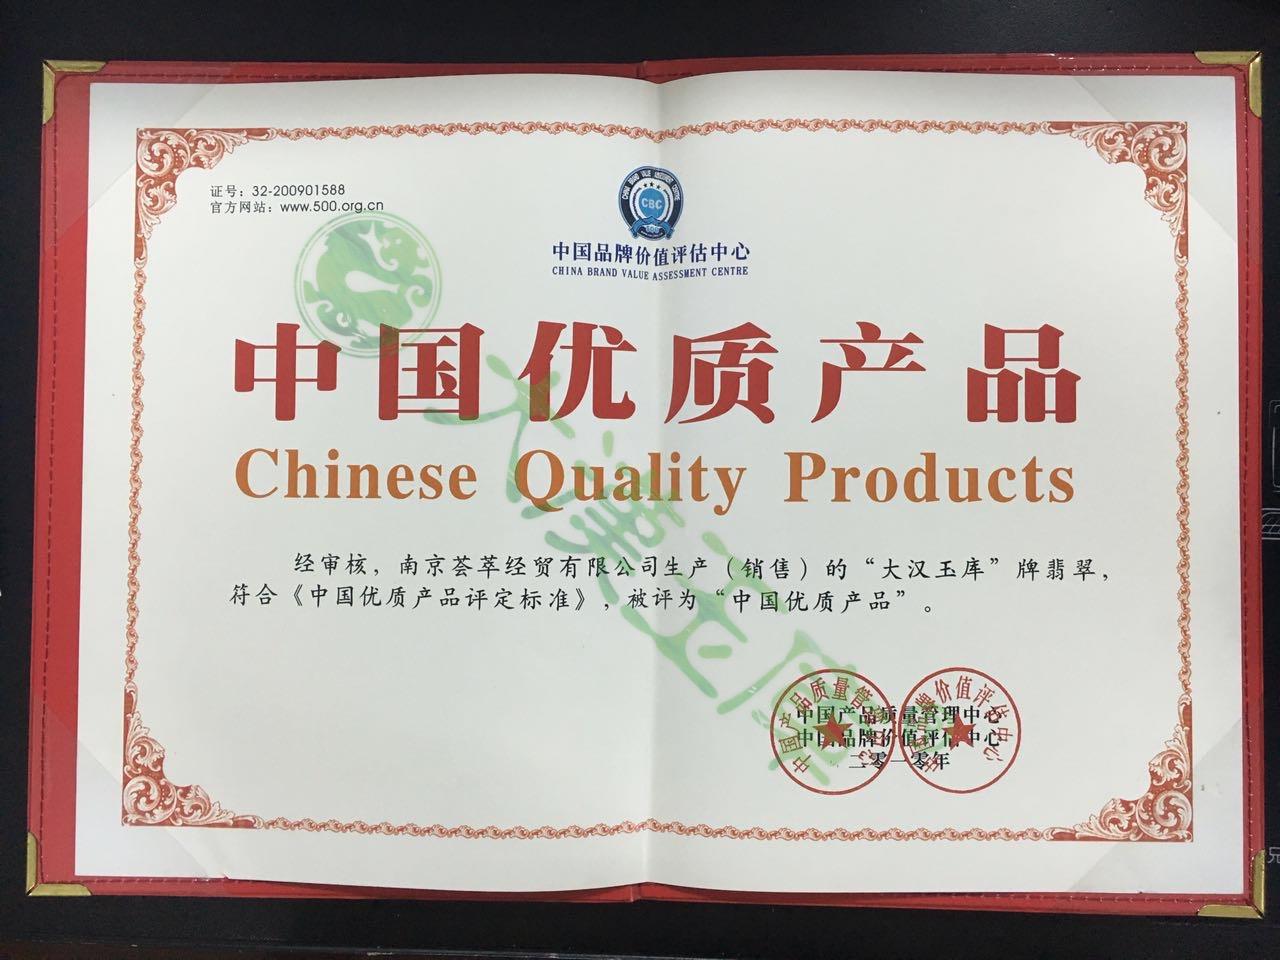 中国优质产品_Watermarked_1